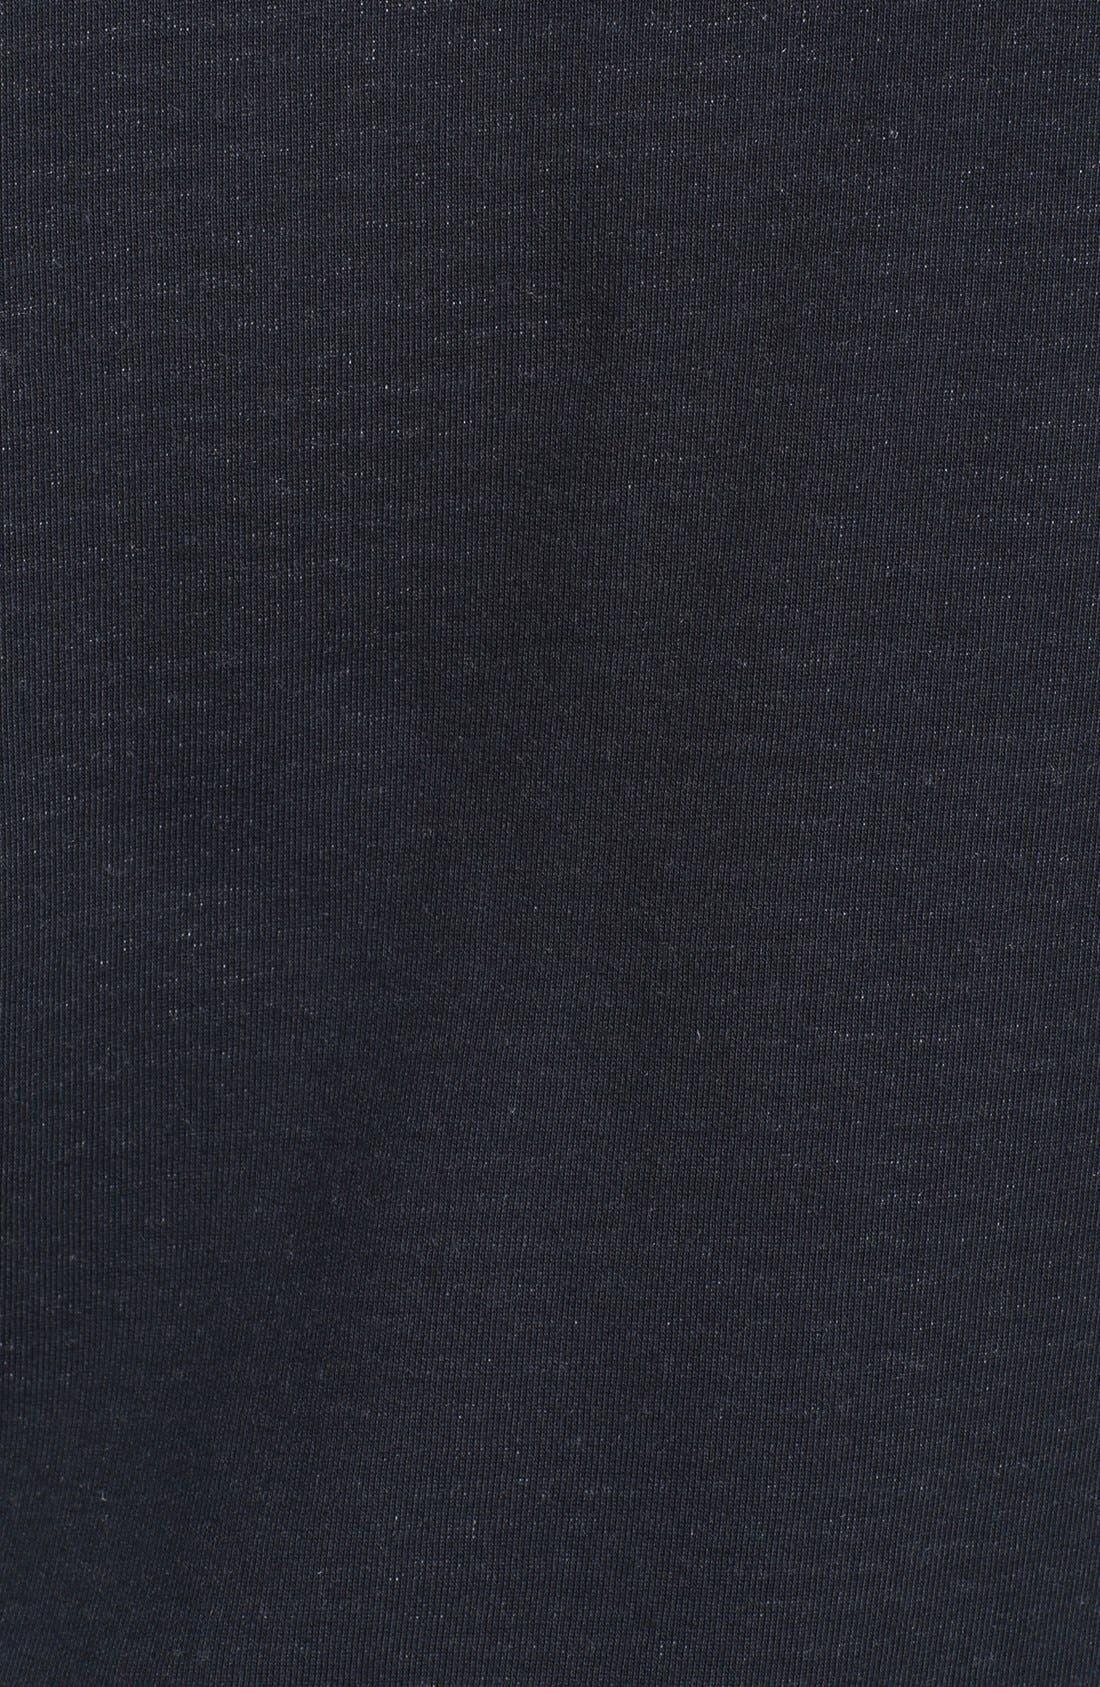 Alternate Image 3  - Michael Kors Hoodie